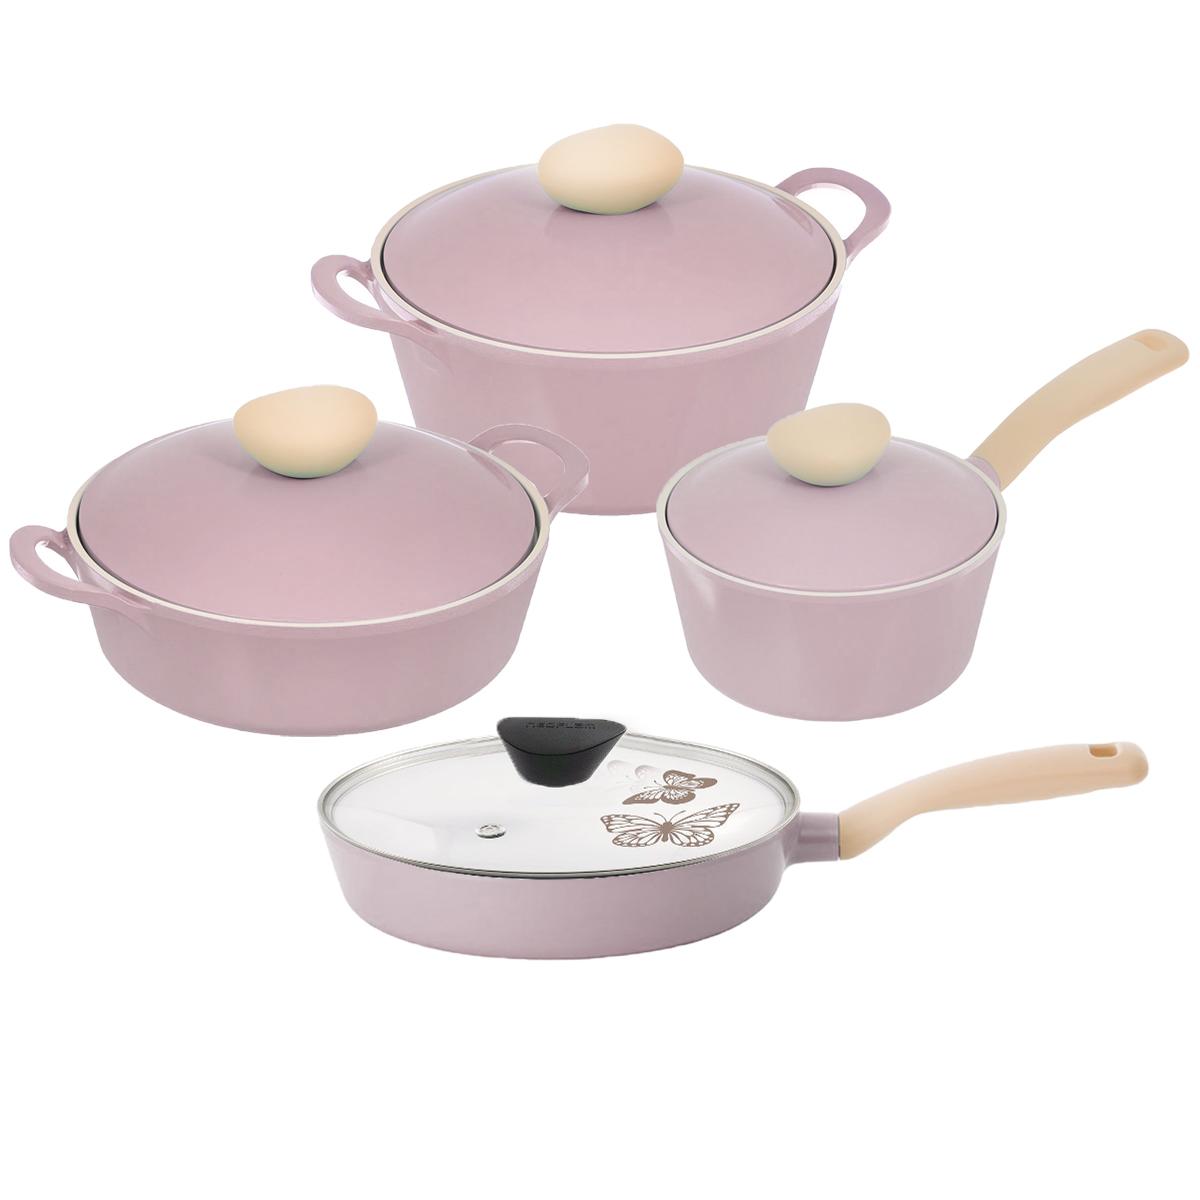 Набор посуды Frybest Round, с керамическим покрытием, цвет: розовый, 8 предметовROUND-N22-PНабор посуды Frybest Round выполнен из алюминия с внутренним и внешним керамическим покрытием Ecolon Superior. Такое покрытие устойчиво к повреждениям и не содержит вредных компонентов, так как изготовлено из натуральных материалов. Ключевые преимущества: - интегрированная система пароотвода, спрятанная внутри стильной бобышки в виде морского камня, предотвращает выкипание, - посуда из алюминия весит в 3 раза меньше, чем посуда из чугуна, - новейшее более стойкое керамическое покрытие последнего поколения: устойчивость к царапинам, истиранию и химическим реакциям, - внутри и снаружи - керамическое покрытие нового поколения профессионального уровня с высокими антипригарными свойствами, изделия произведены с использованием натуральных минеральных ингредиентов. Посуда не содержит PFOA и PTFE, - тело и крышка посуды из литого алюминия вместе создают эффект теплообмена, сохраняя пар внутри для более эффективного приготовления пищи,...